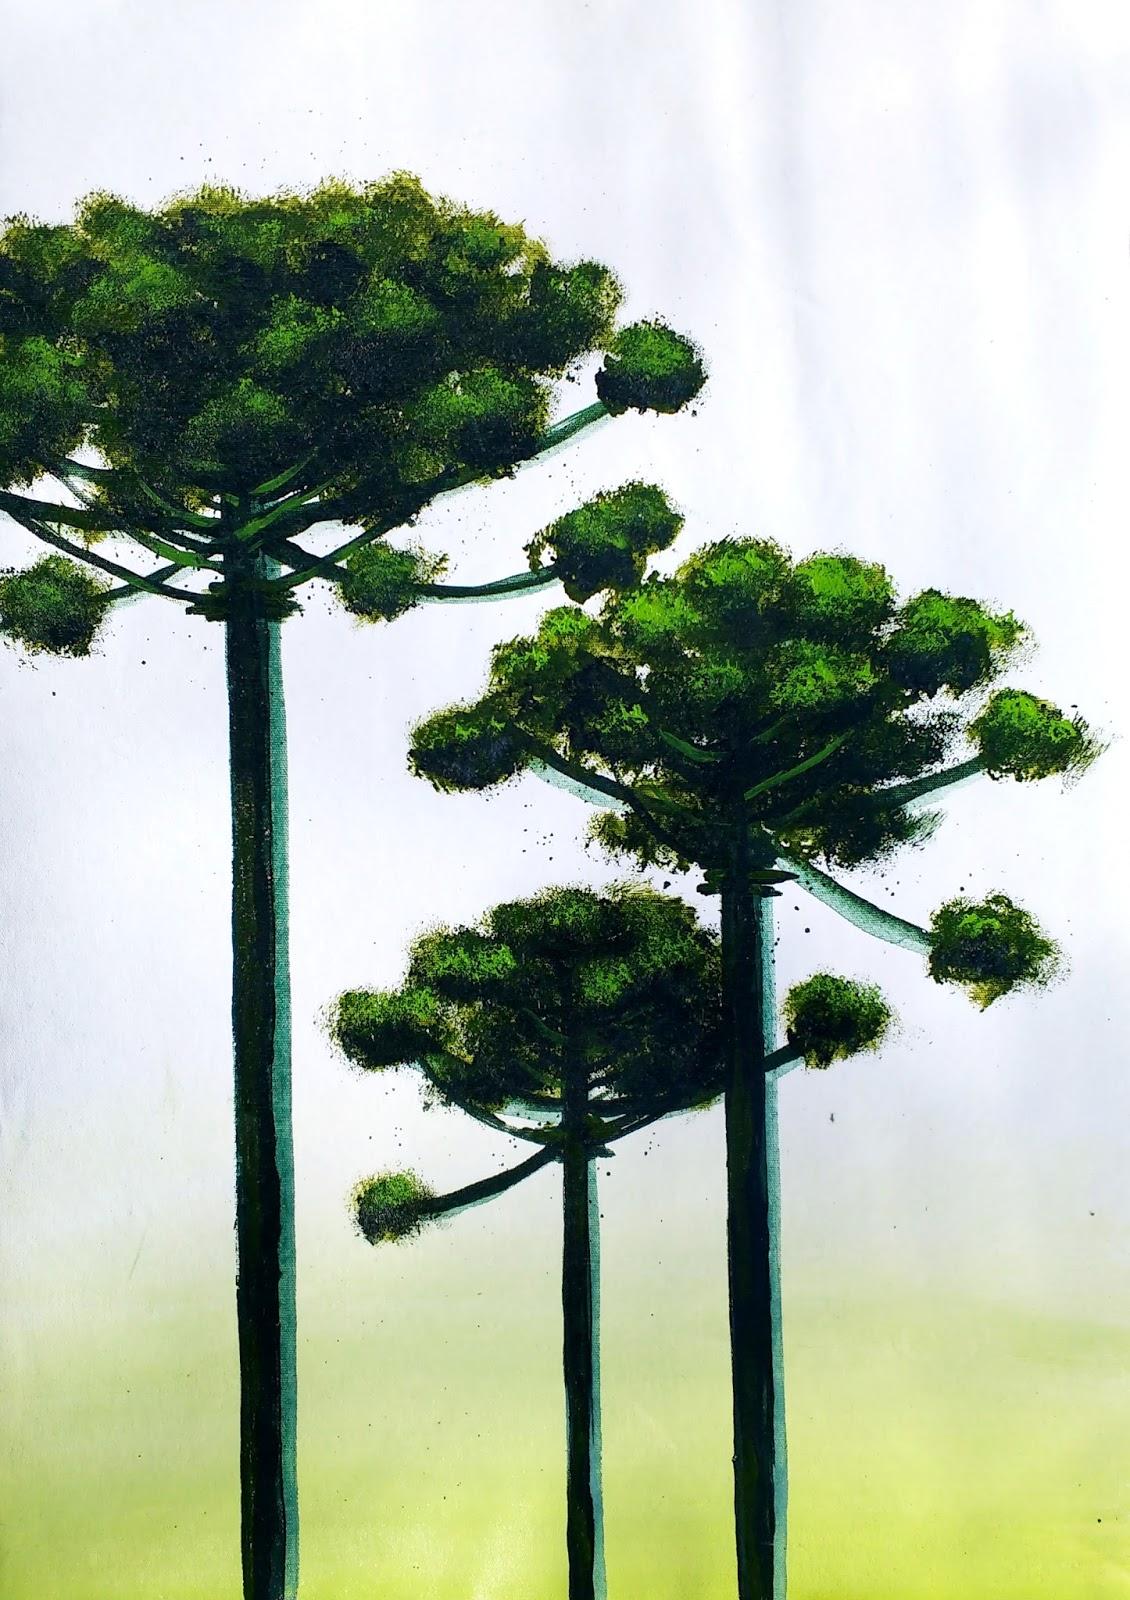 Araucaria IV quadro em acrílico sobre tela com tema do Paraná